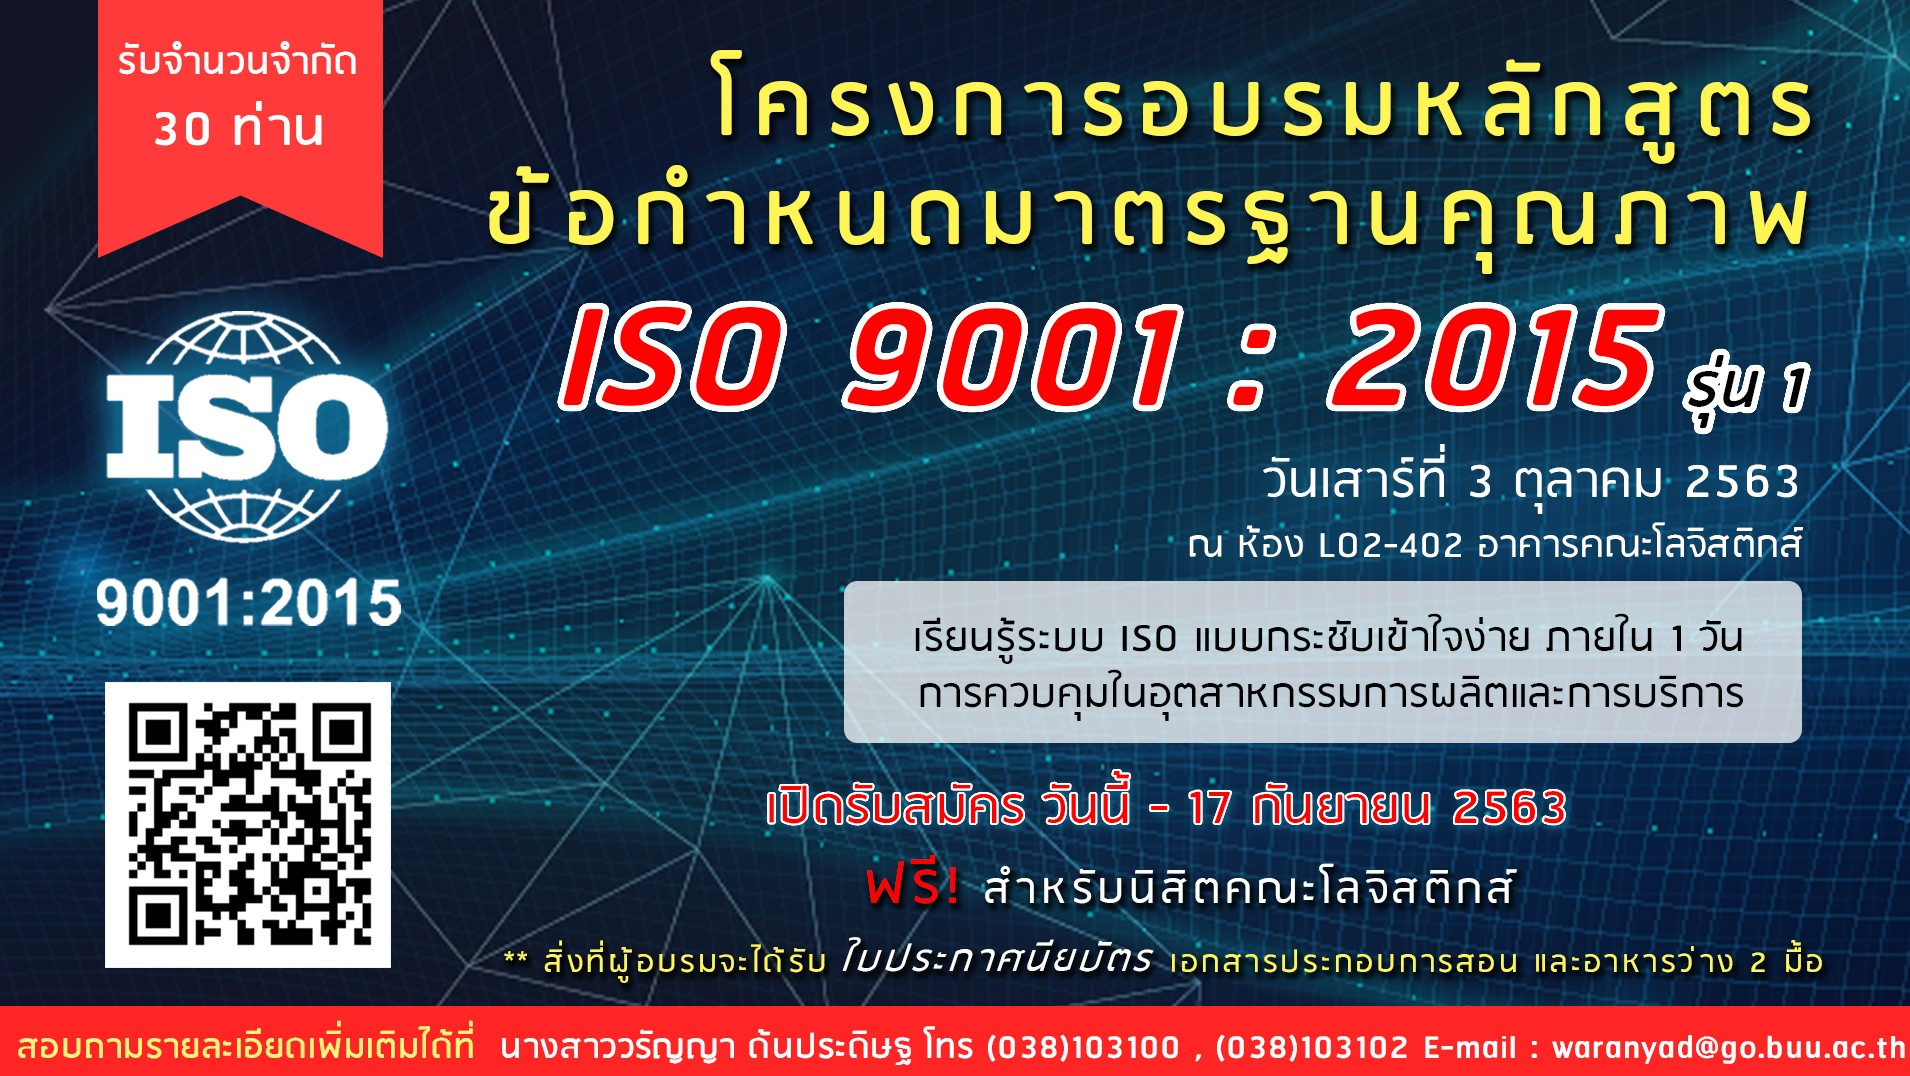 อบรมหลักสูตรข้อกำหนดมาตรฐานคุณภาพ ISO 9001 : 2015